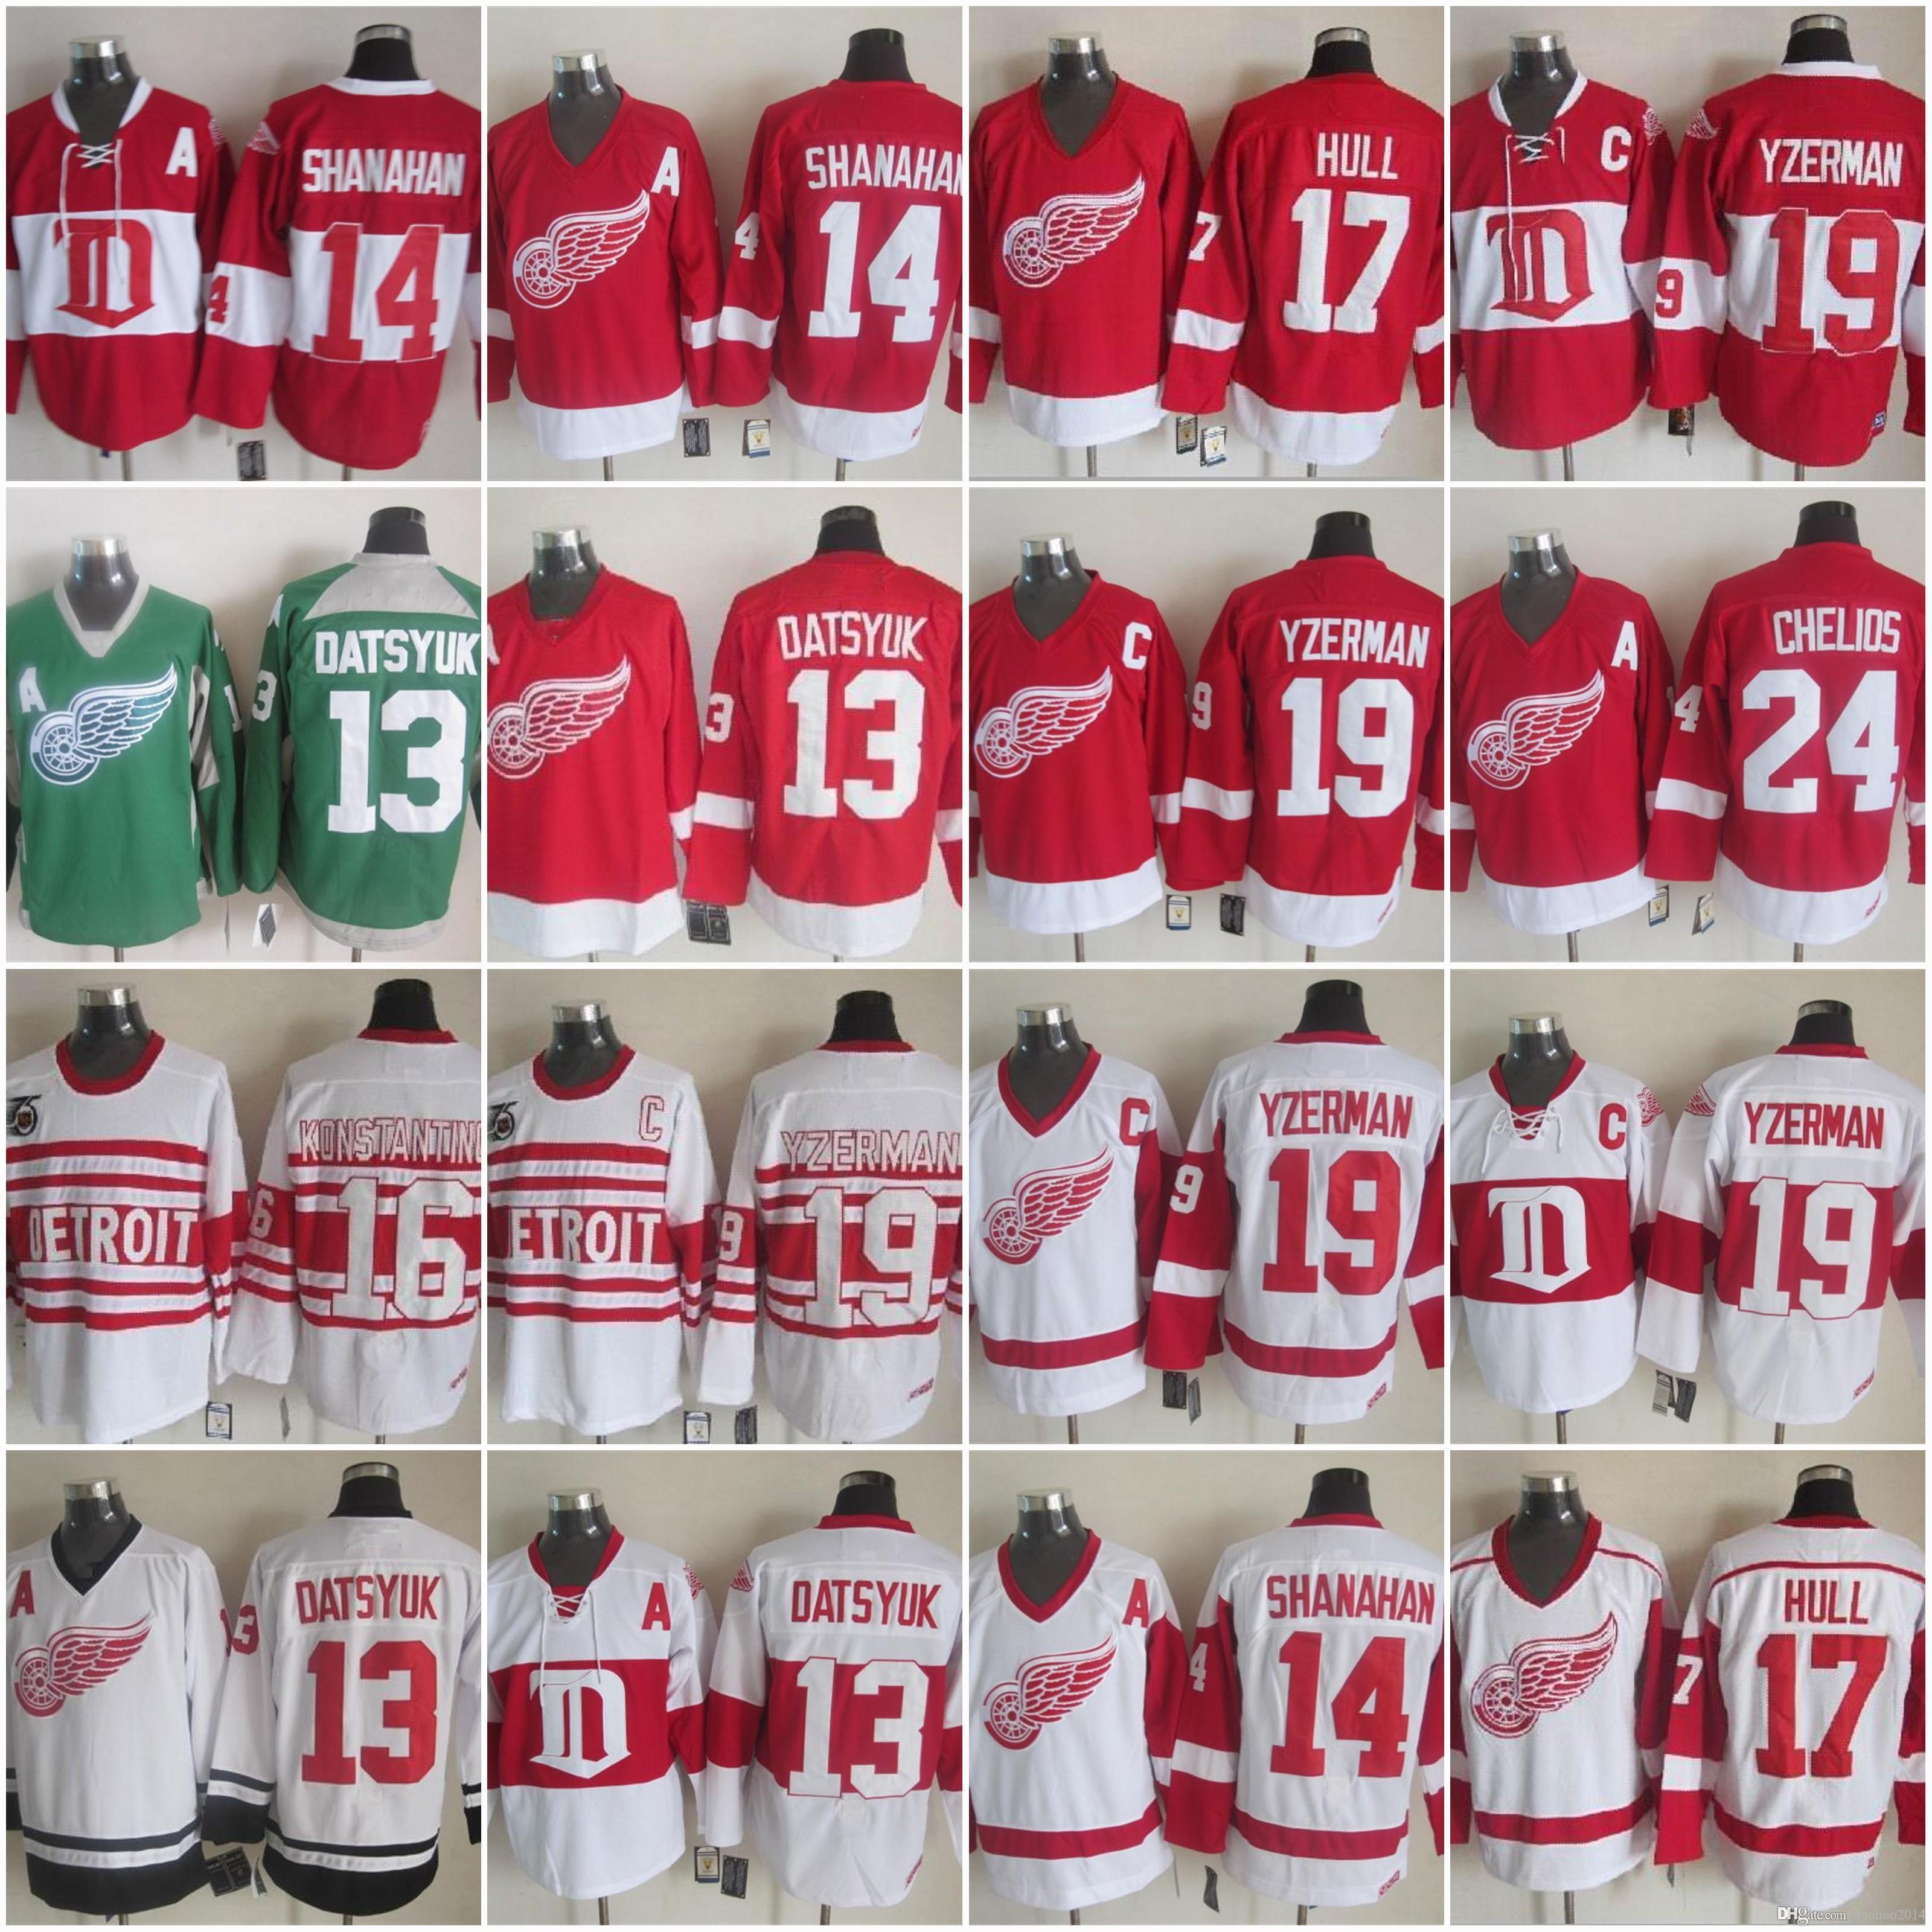 ... stitched nhl jersey 0df6f f912b aliexpress detroit red wings 13 pavel  datsyuk 14 brendan shanahan 17 brett hull 19 steve yzerman usa adidas ... 50f59f6d5